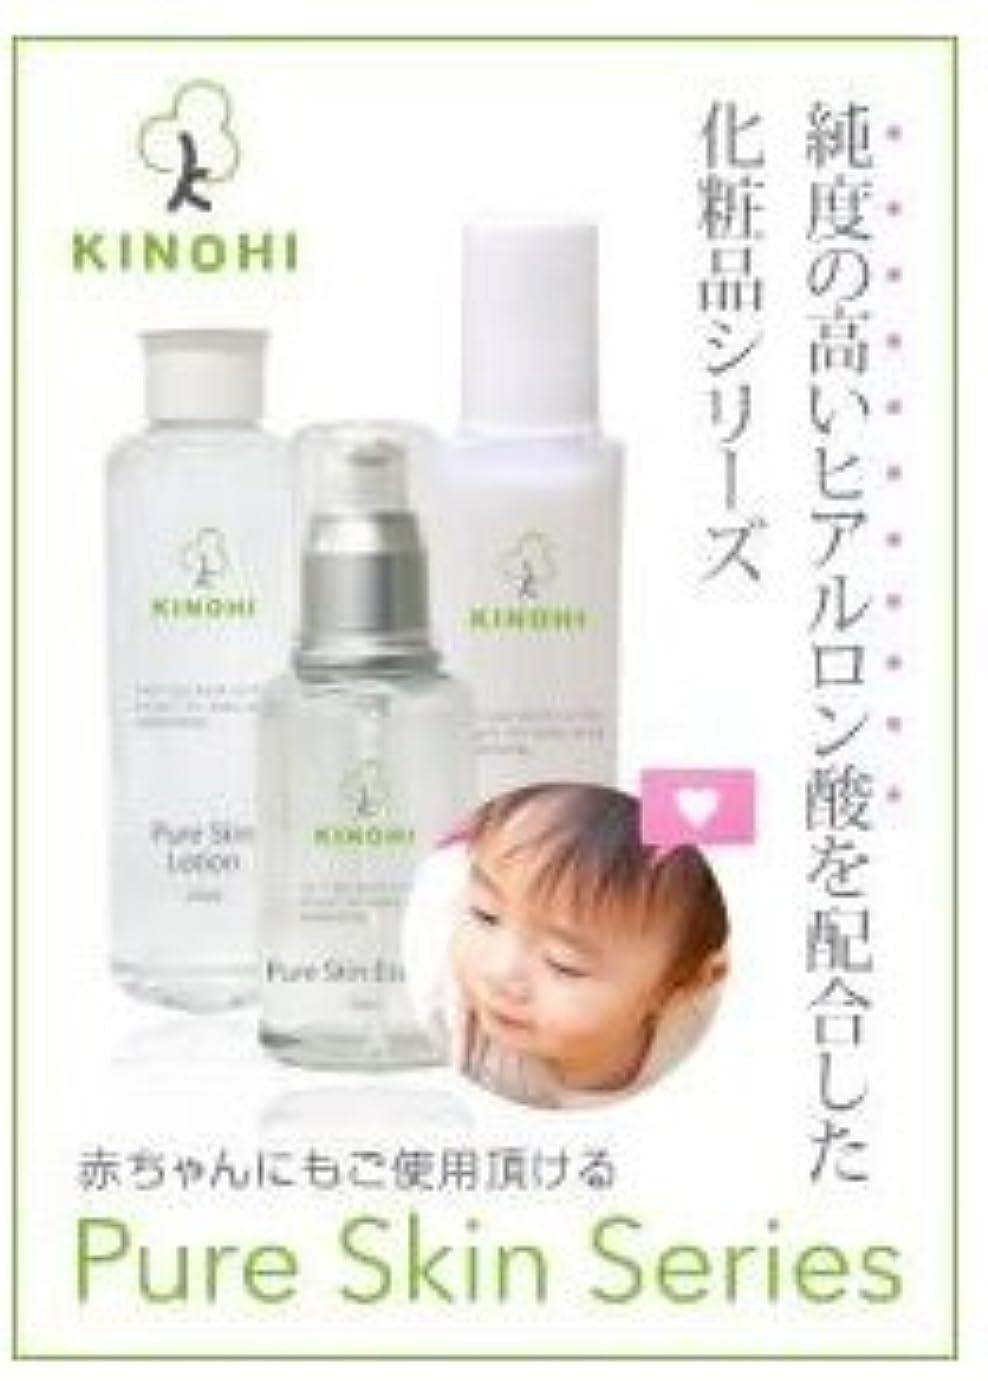 キノヒ KINOHI ピュアスキンローション (化粧水) ピュアスキンミルク(乳液) ピュアスキンエッセンス (美容液) 3点セット